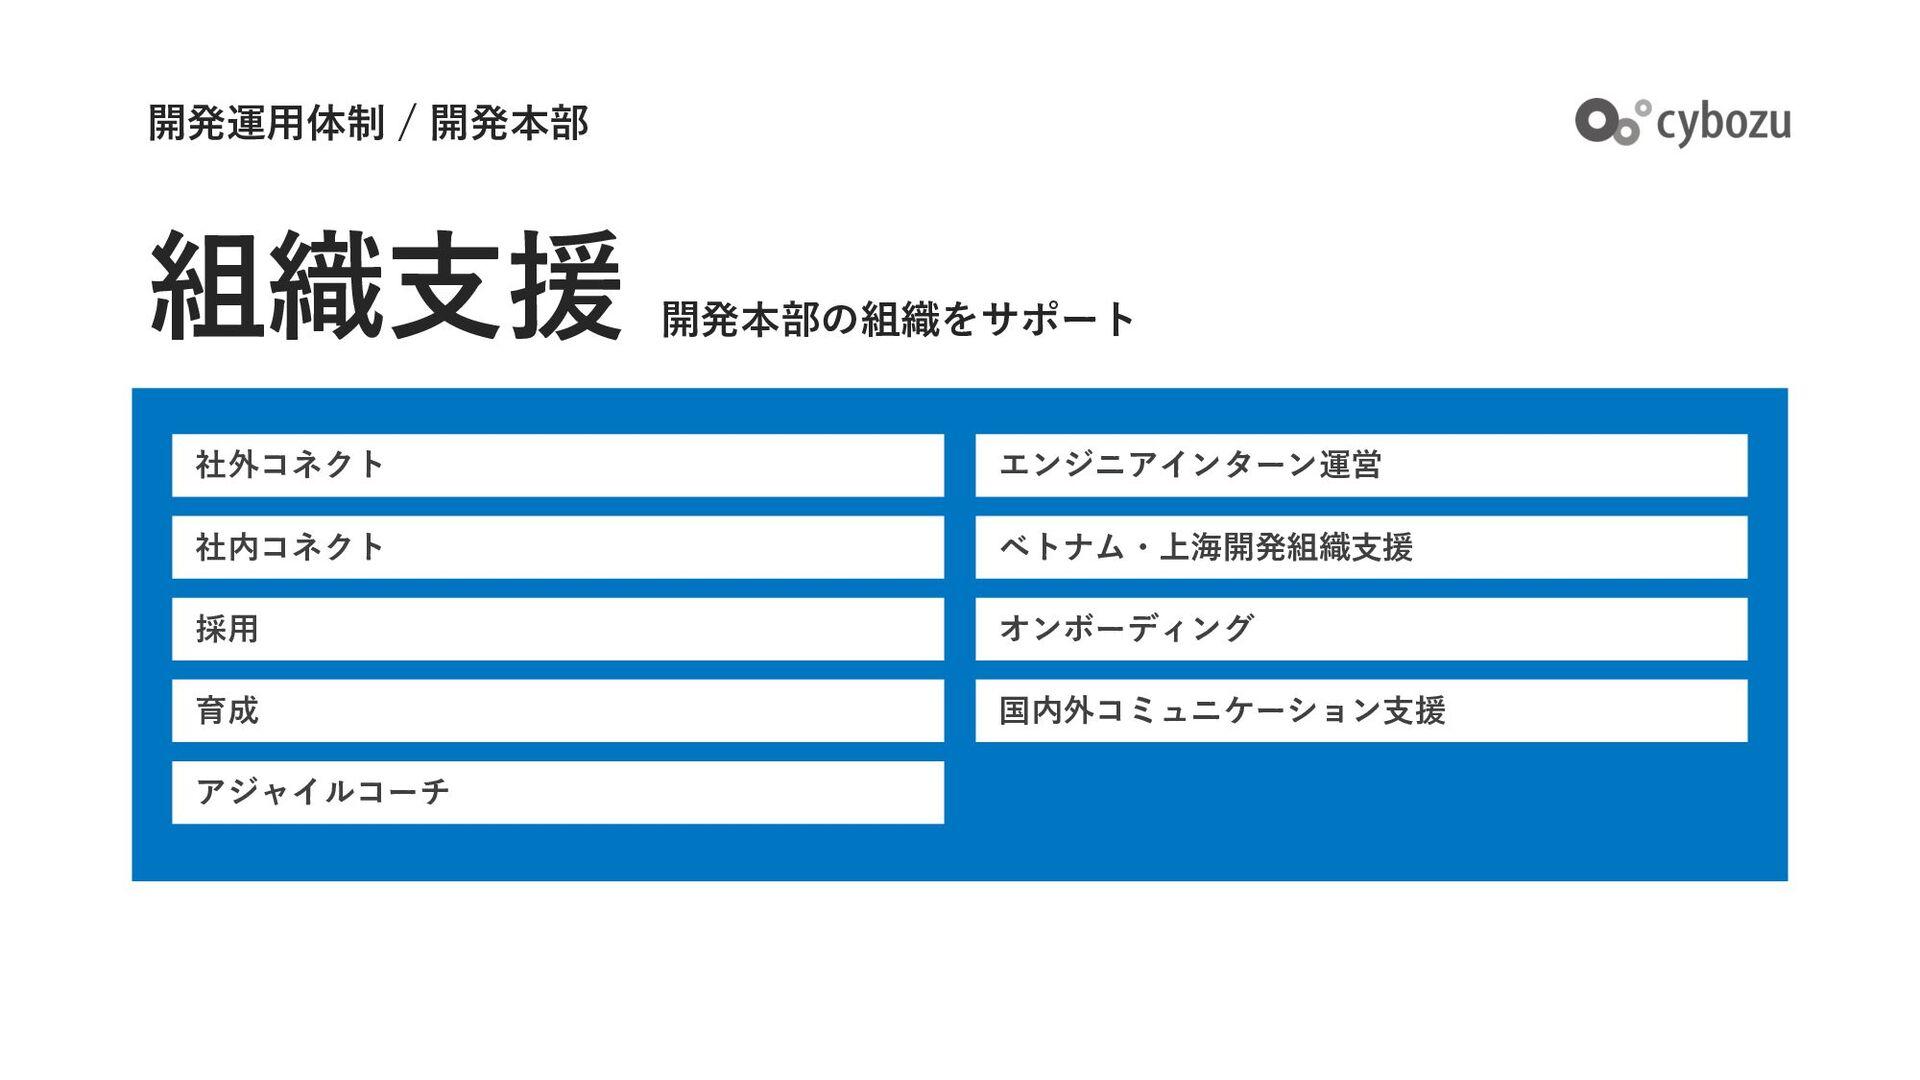 社内コネクト チーム成⻑⽀援 採⽤ 組織運営 アジャイルコーチ 組織⽀援 開発運⽤体制 / 開...